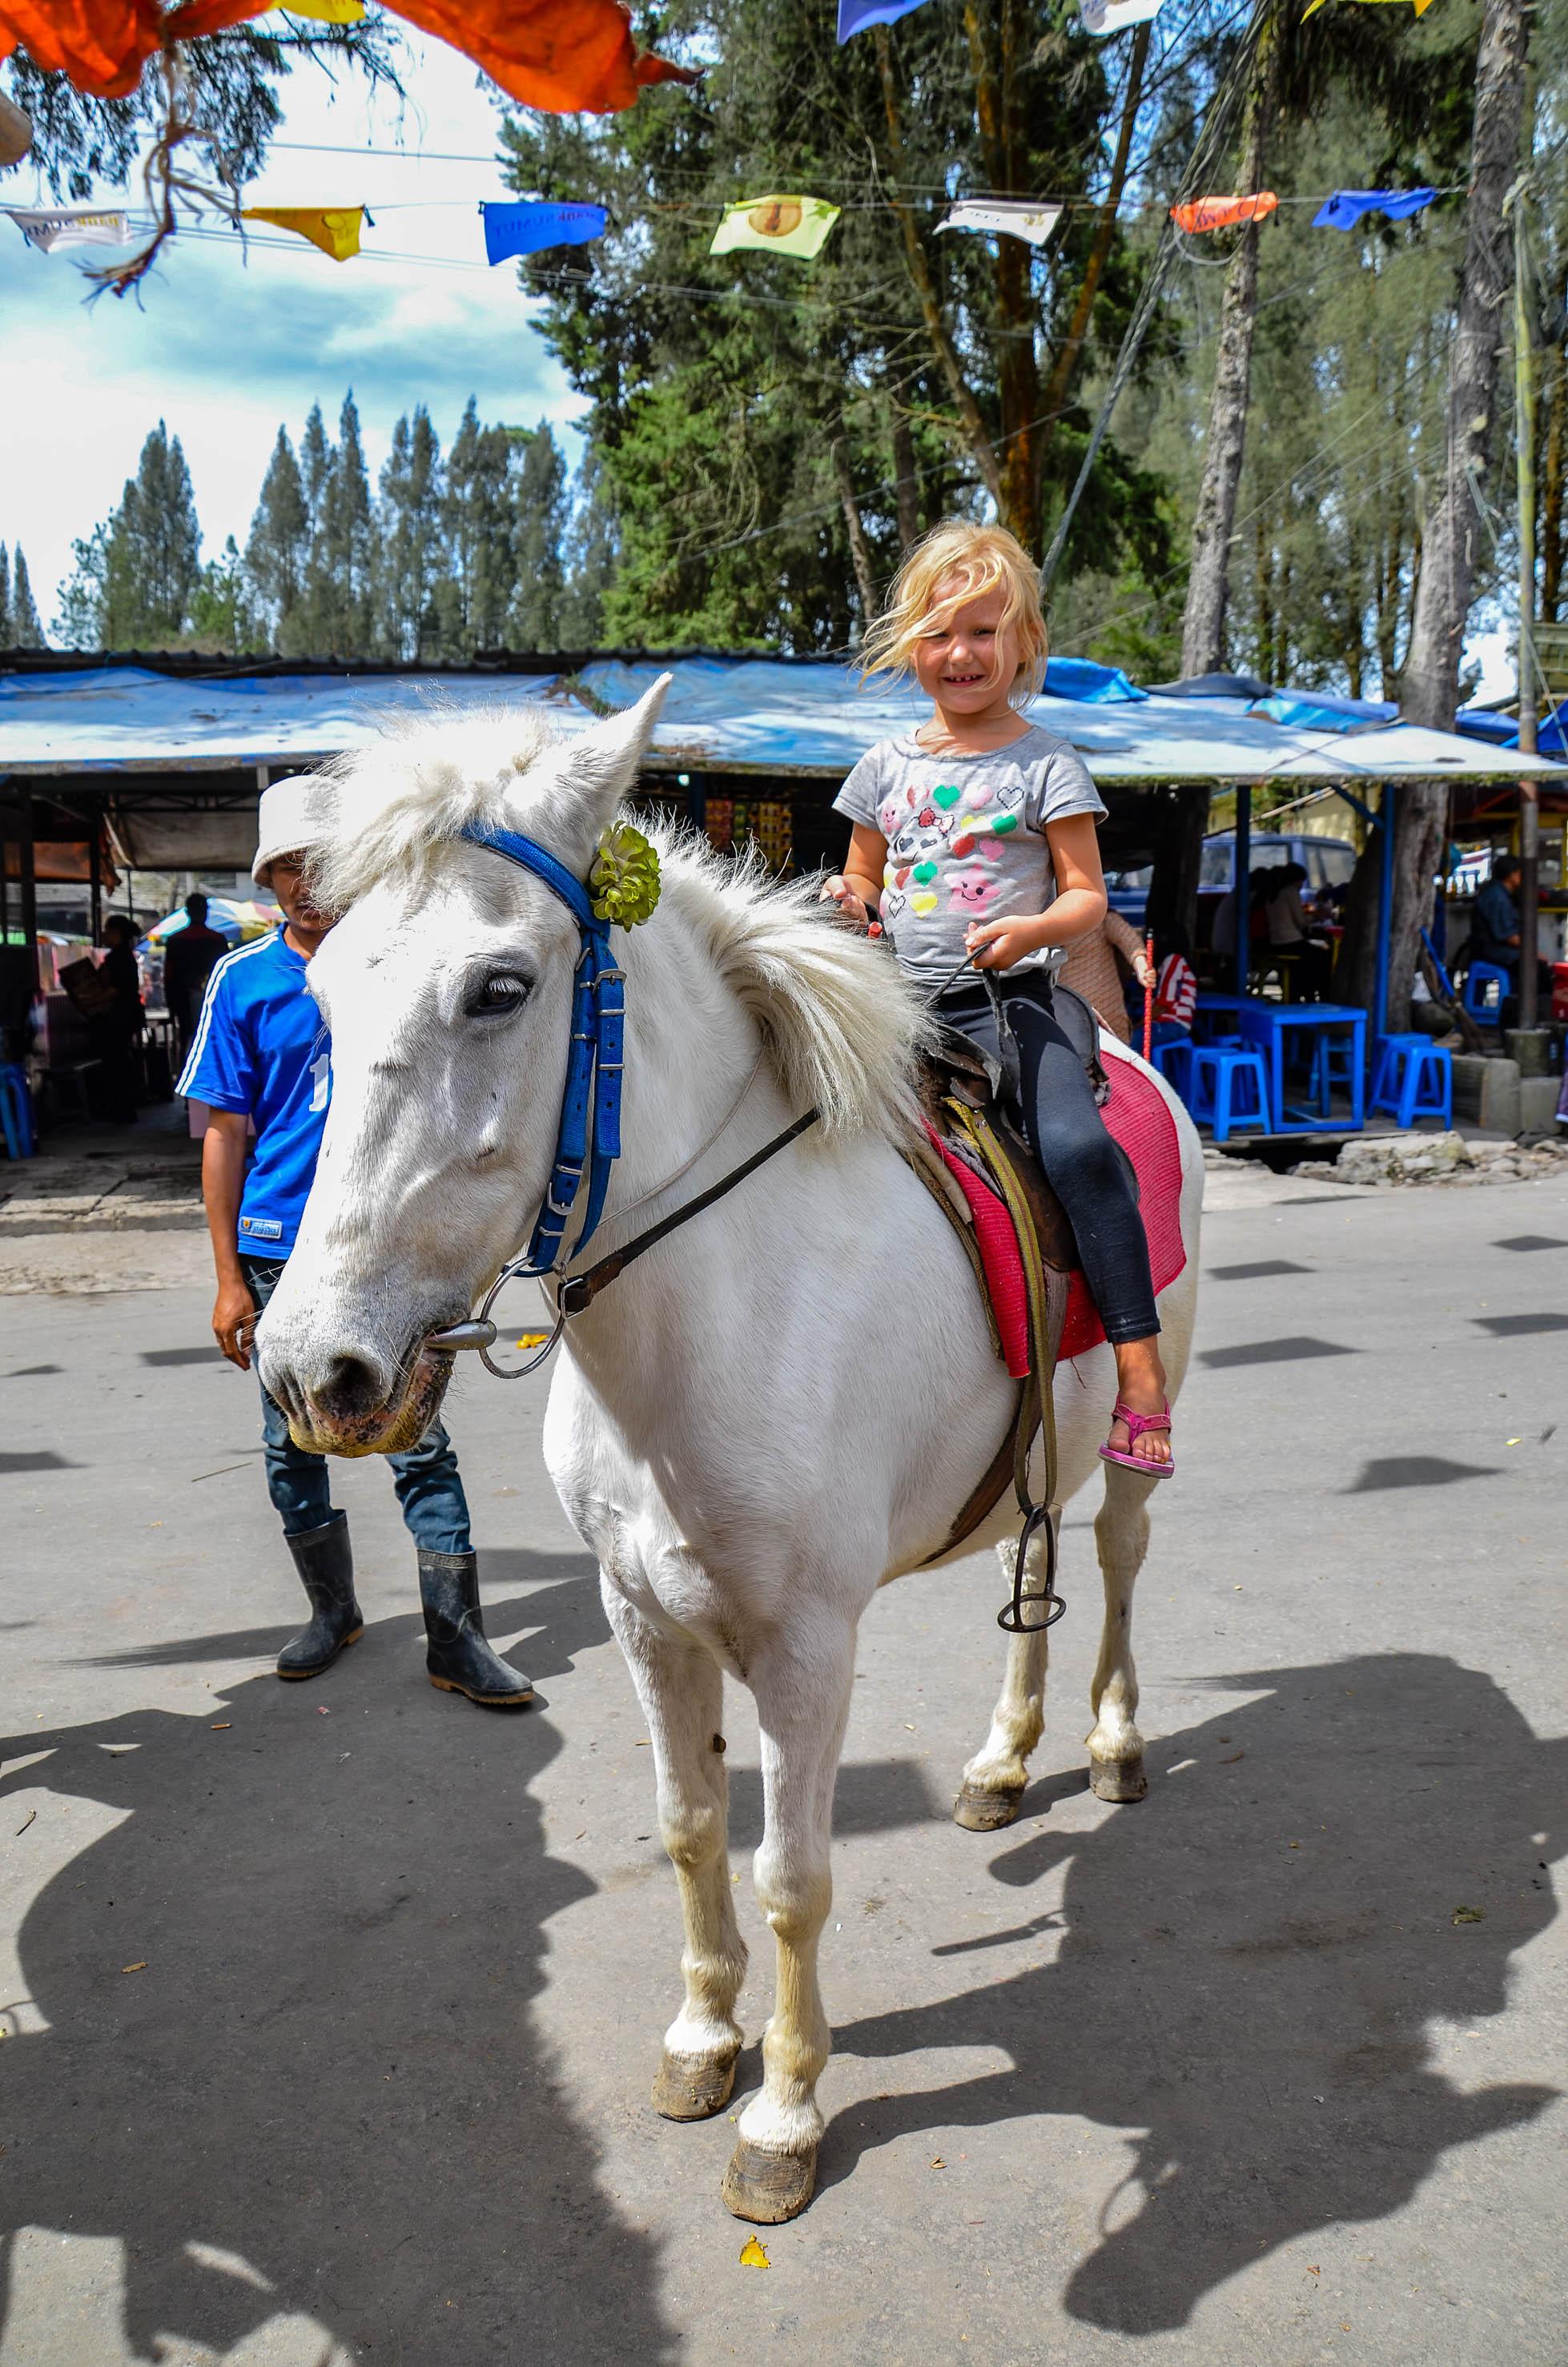 Pierwszy raz w życiu na koniu. Berastagi, Indonezja.